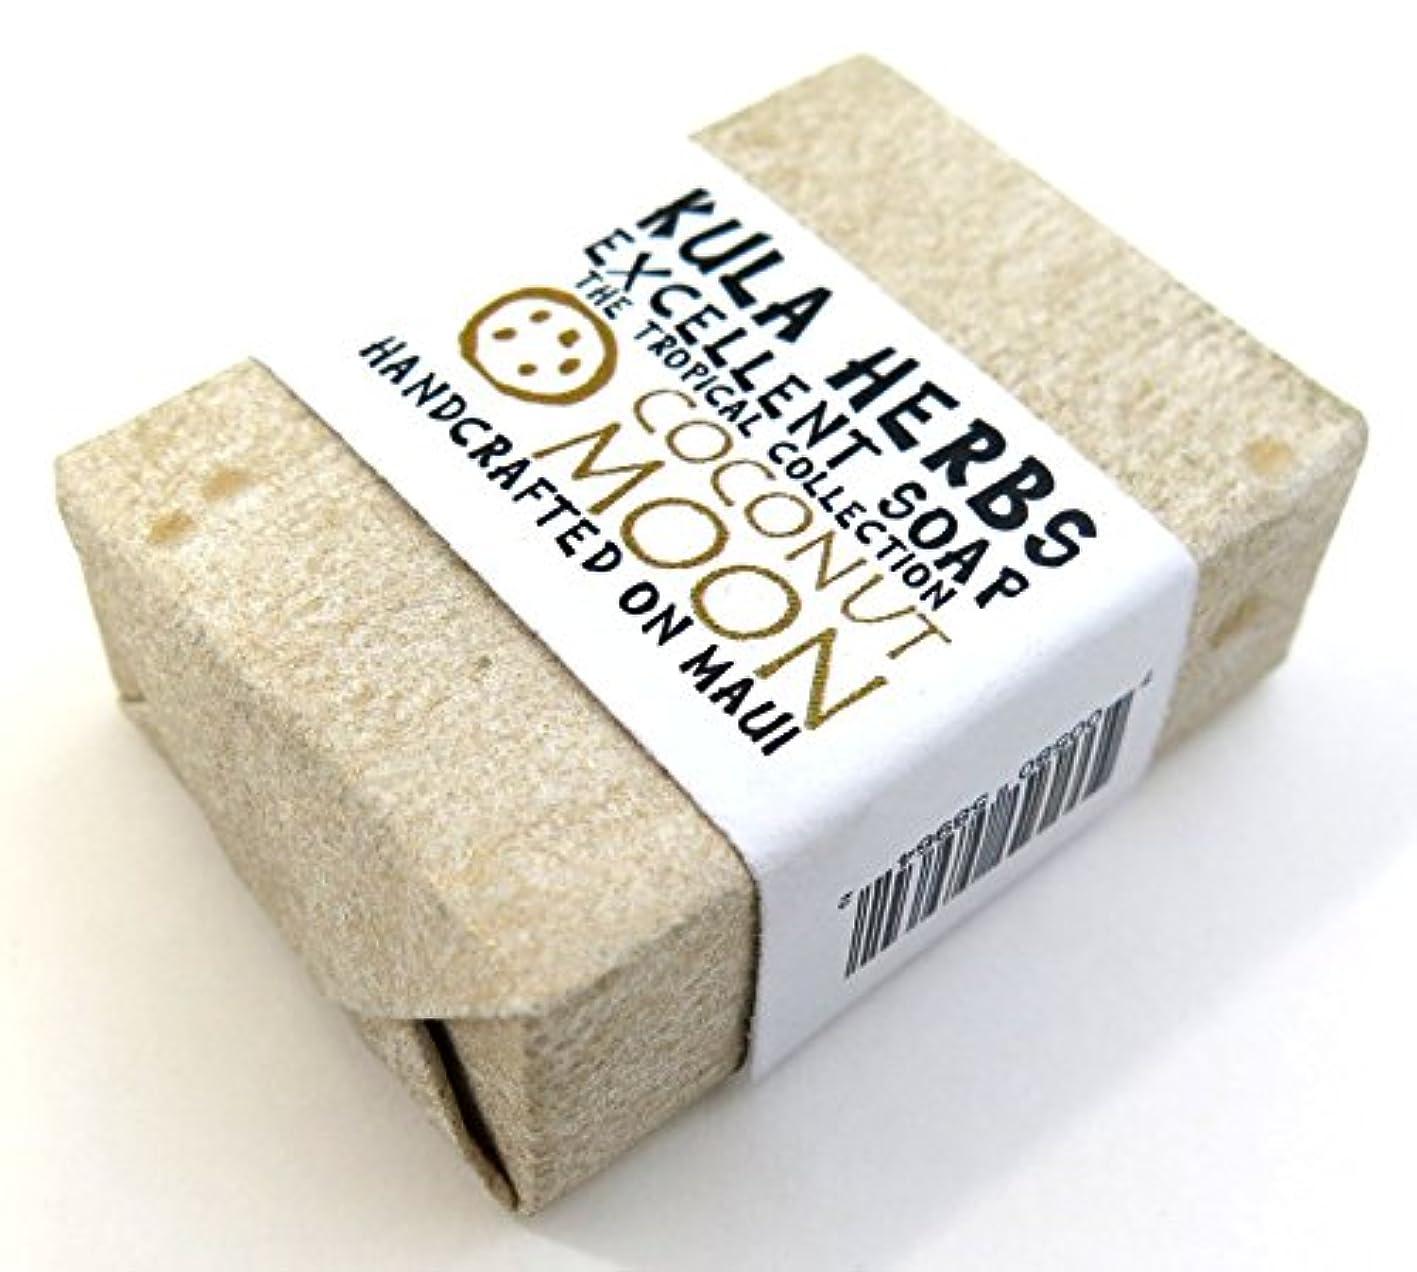 何よりも脊椎イチゴハワイ お土産 ハワイアン雑貨 クラハーブス エクセレント ソープ 石鹸 30g (ココナッツ)